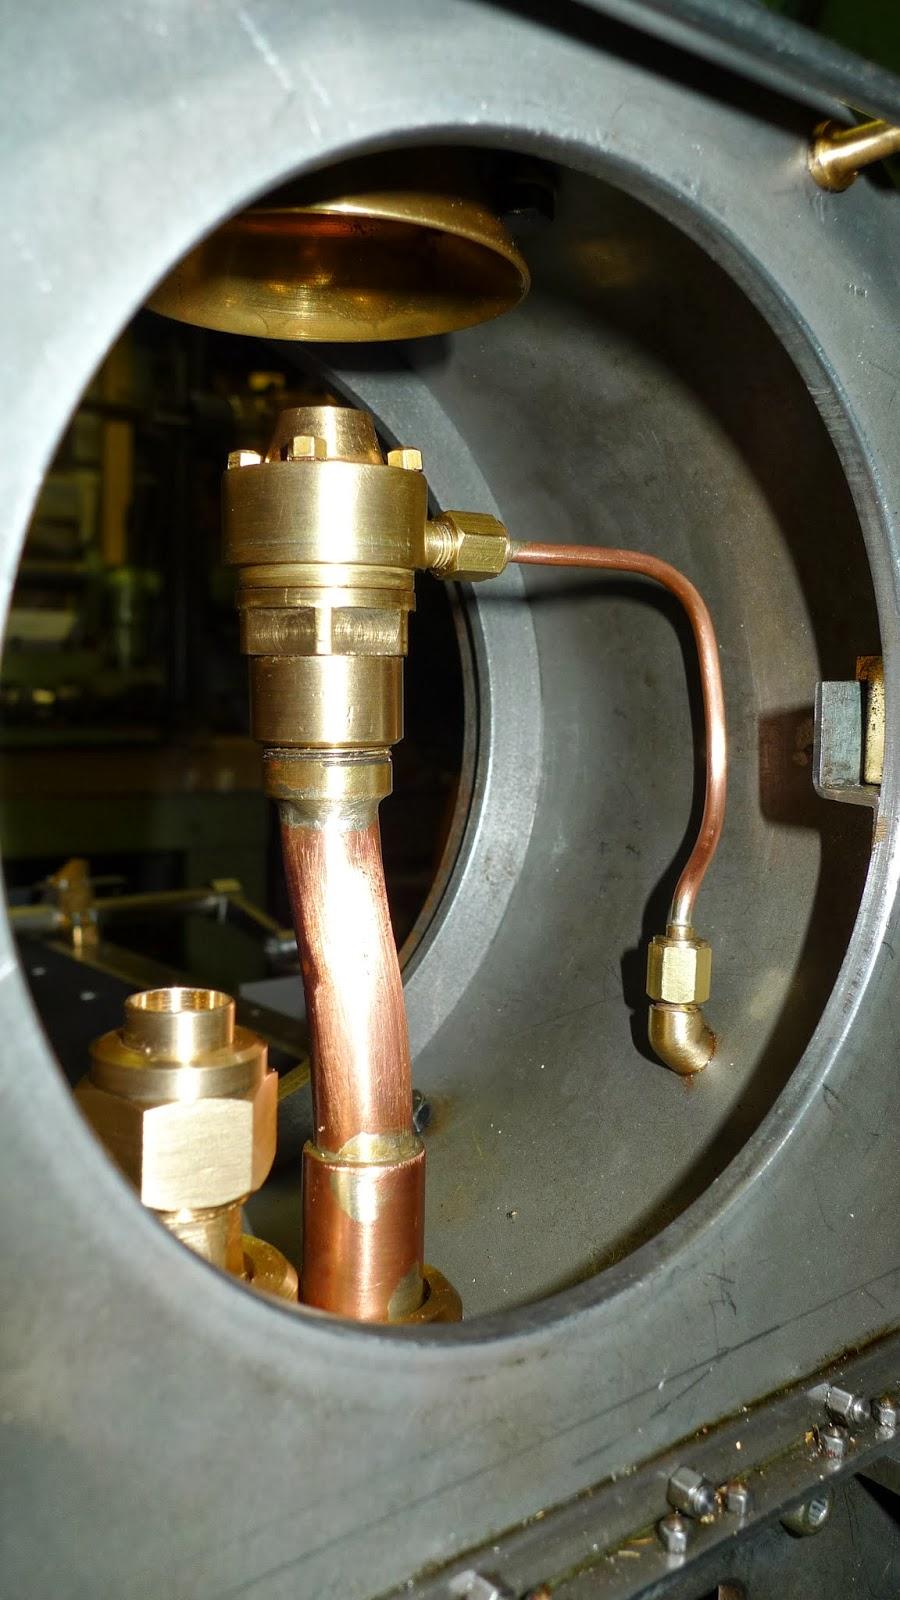 W 252 Rttembergische T3 Smokebox Steam Pipe Arrangements